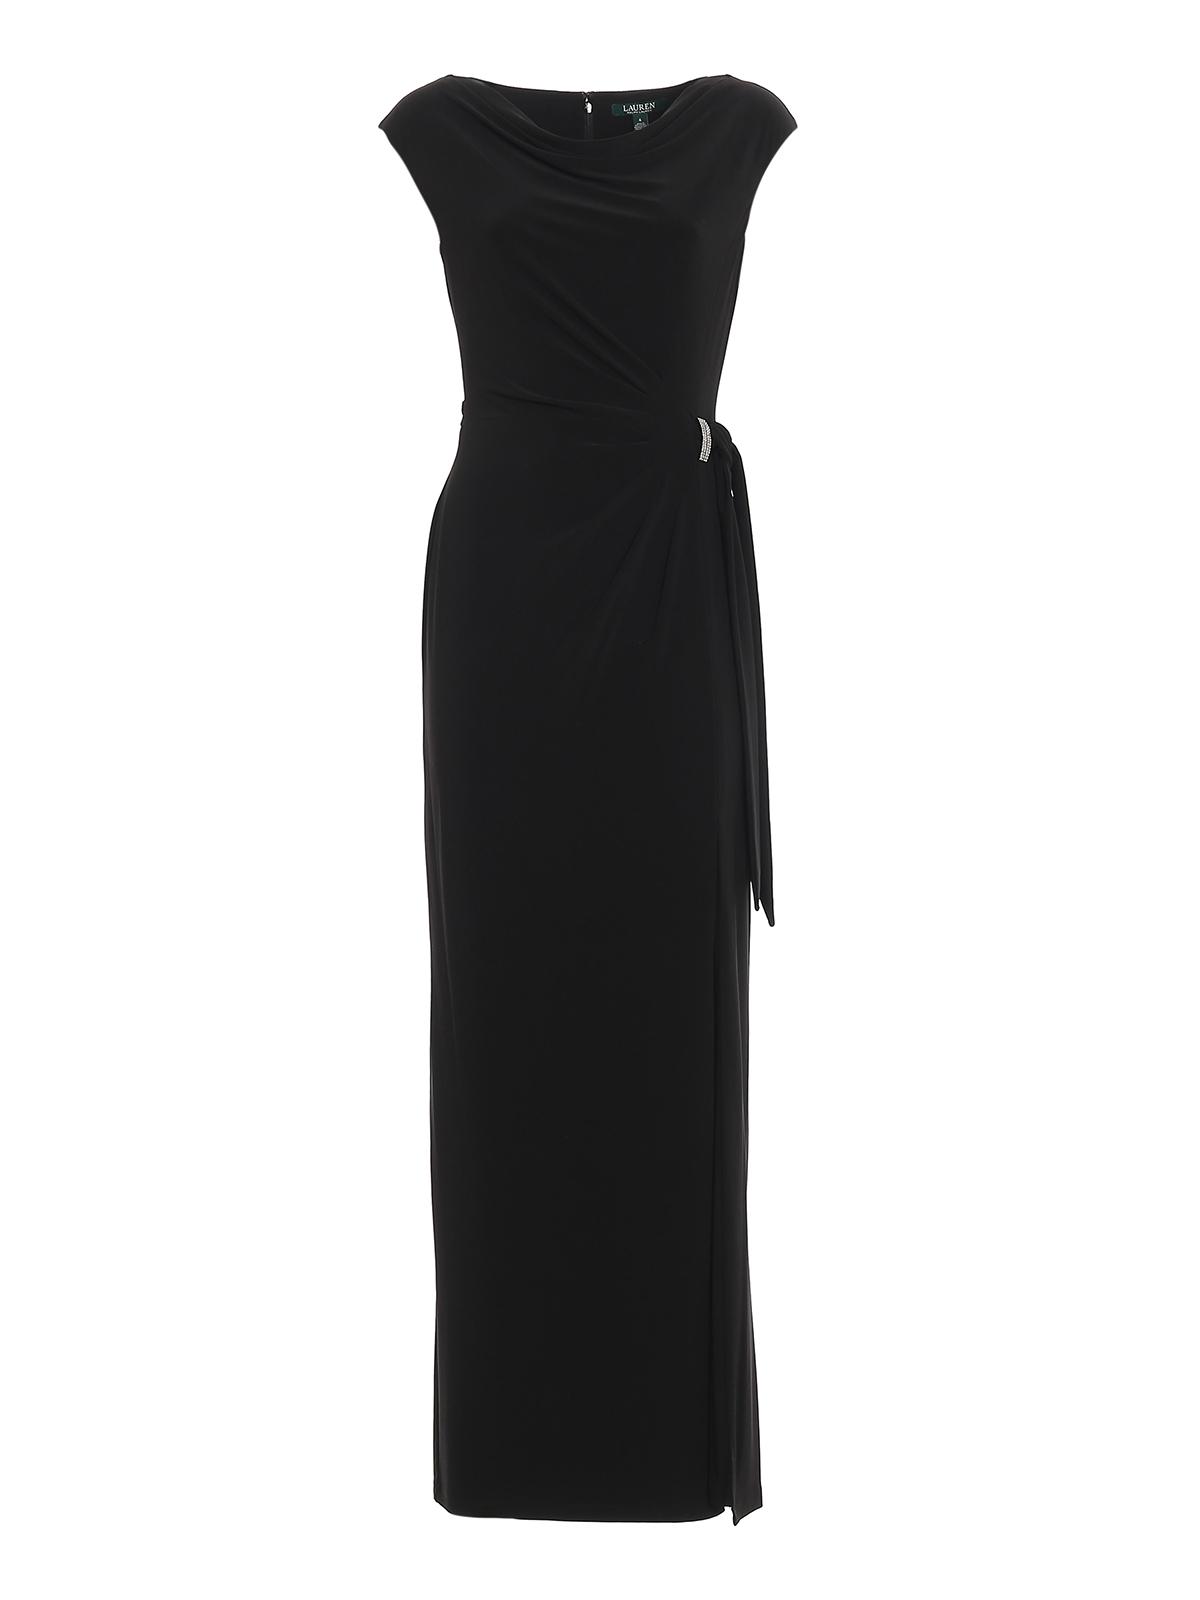 Jewel detail jersey long dress RALPH LAUREN | 11 | 253751448004BLACK